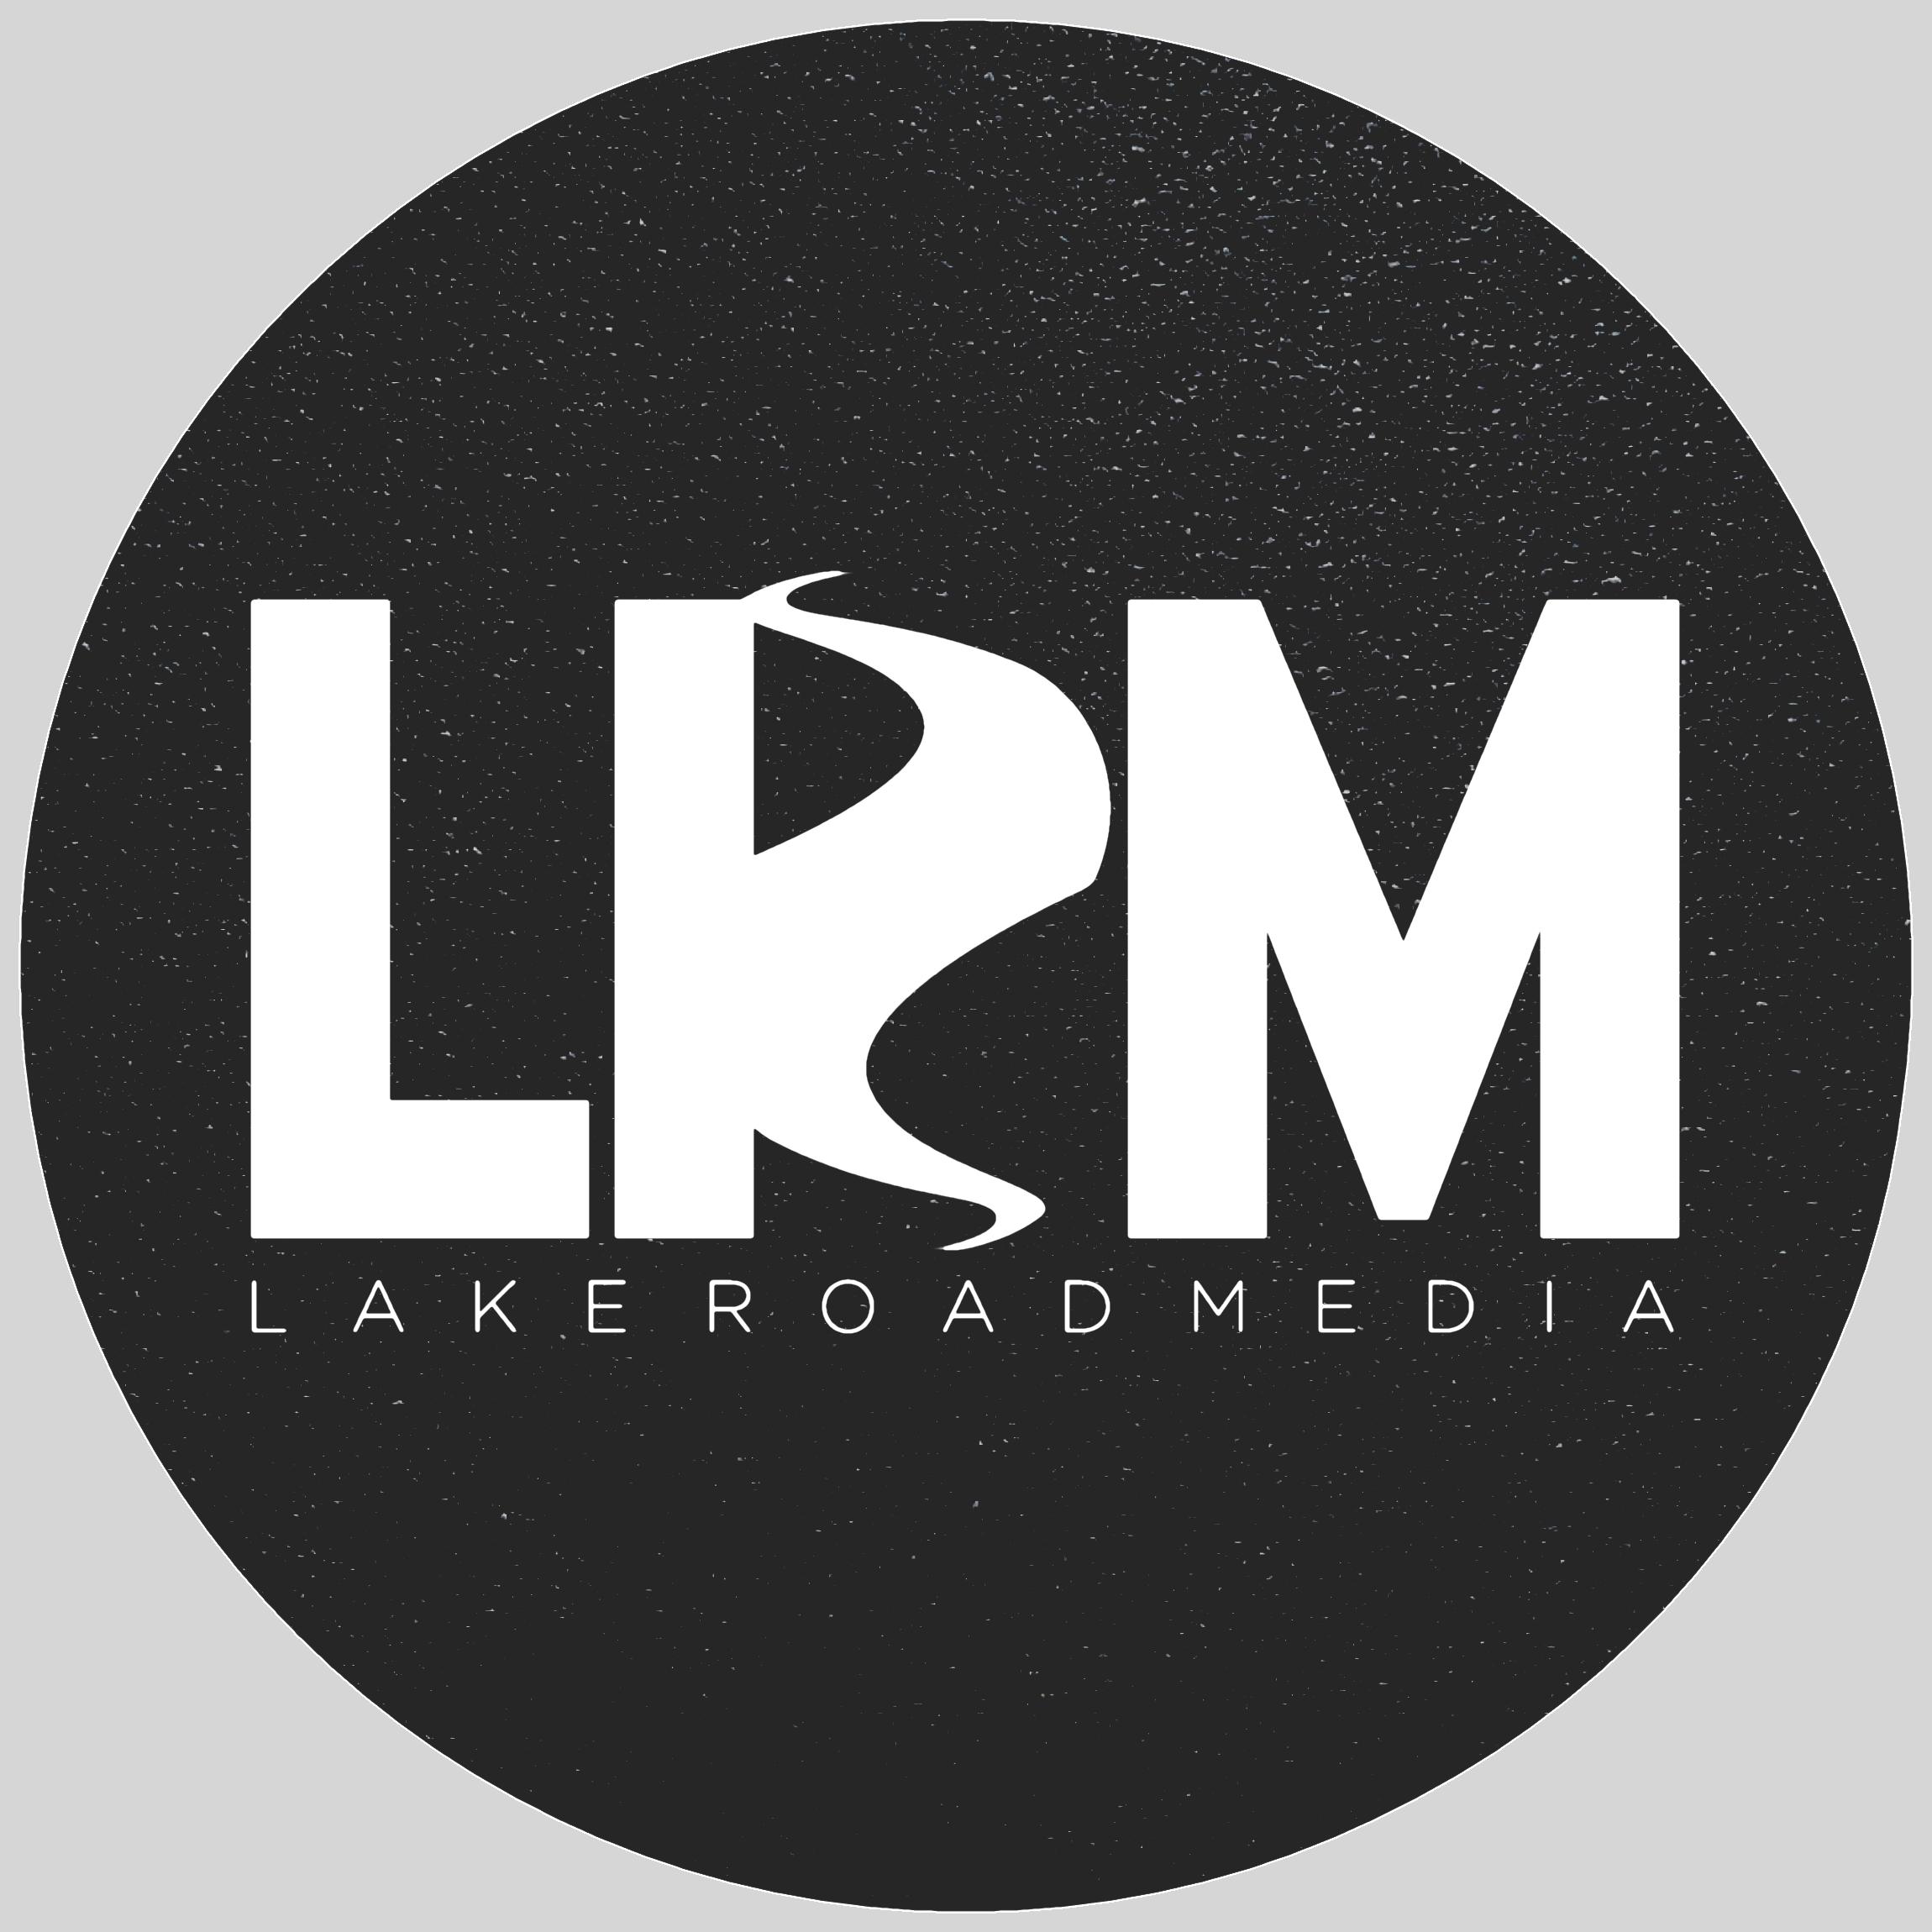 Lake Road Media